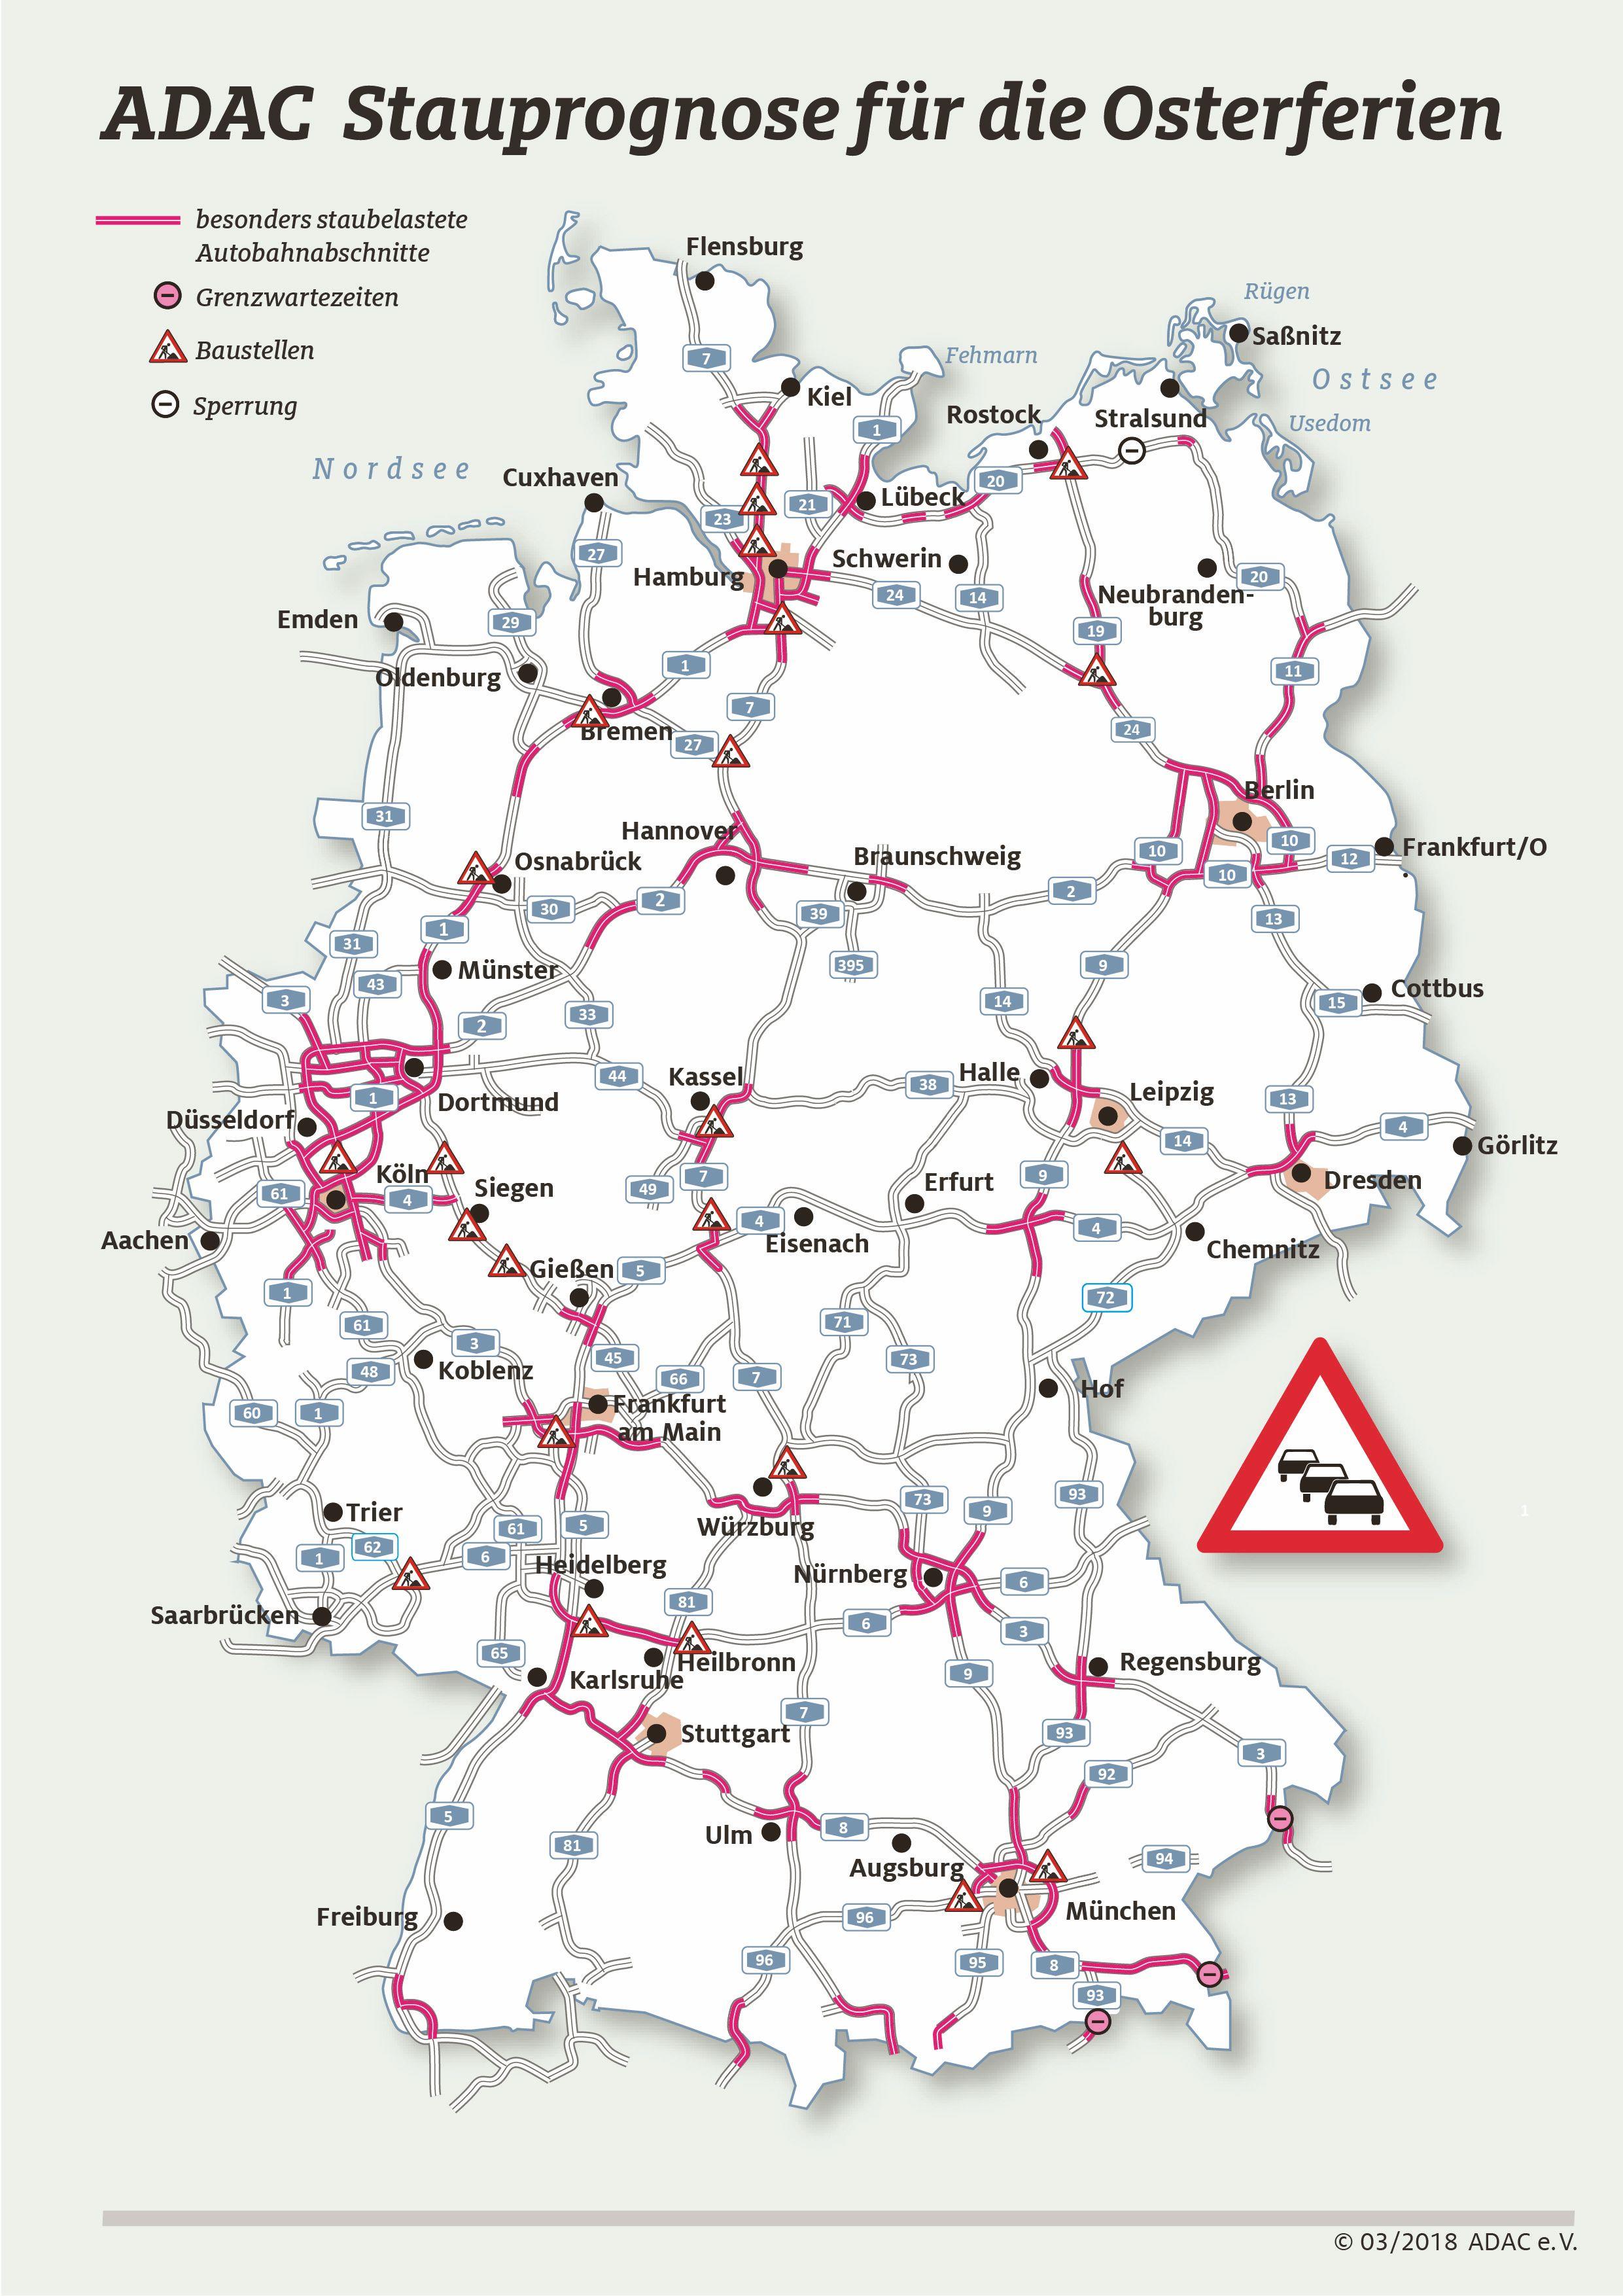 Stau Karte.Adac Thüringen Zeigt Die Staus Zu Ostern In Thüringen